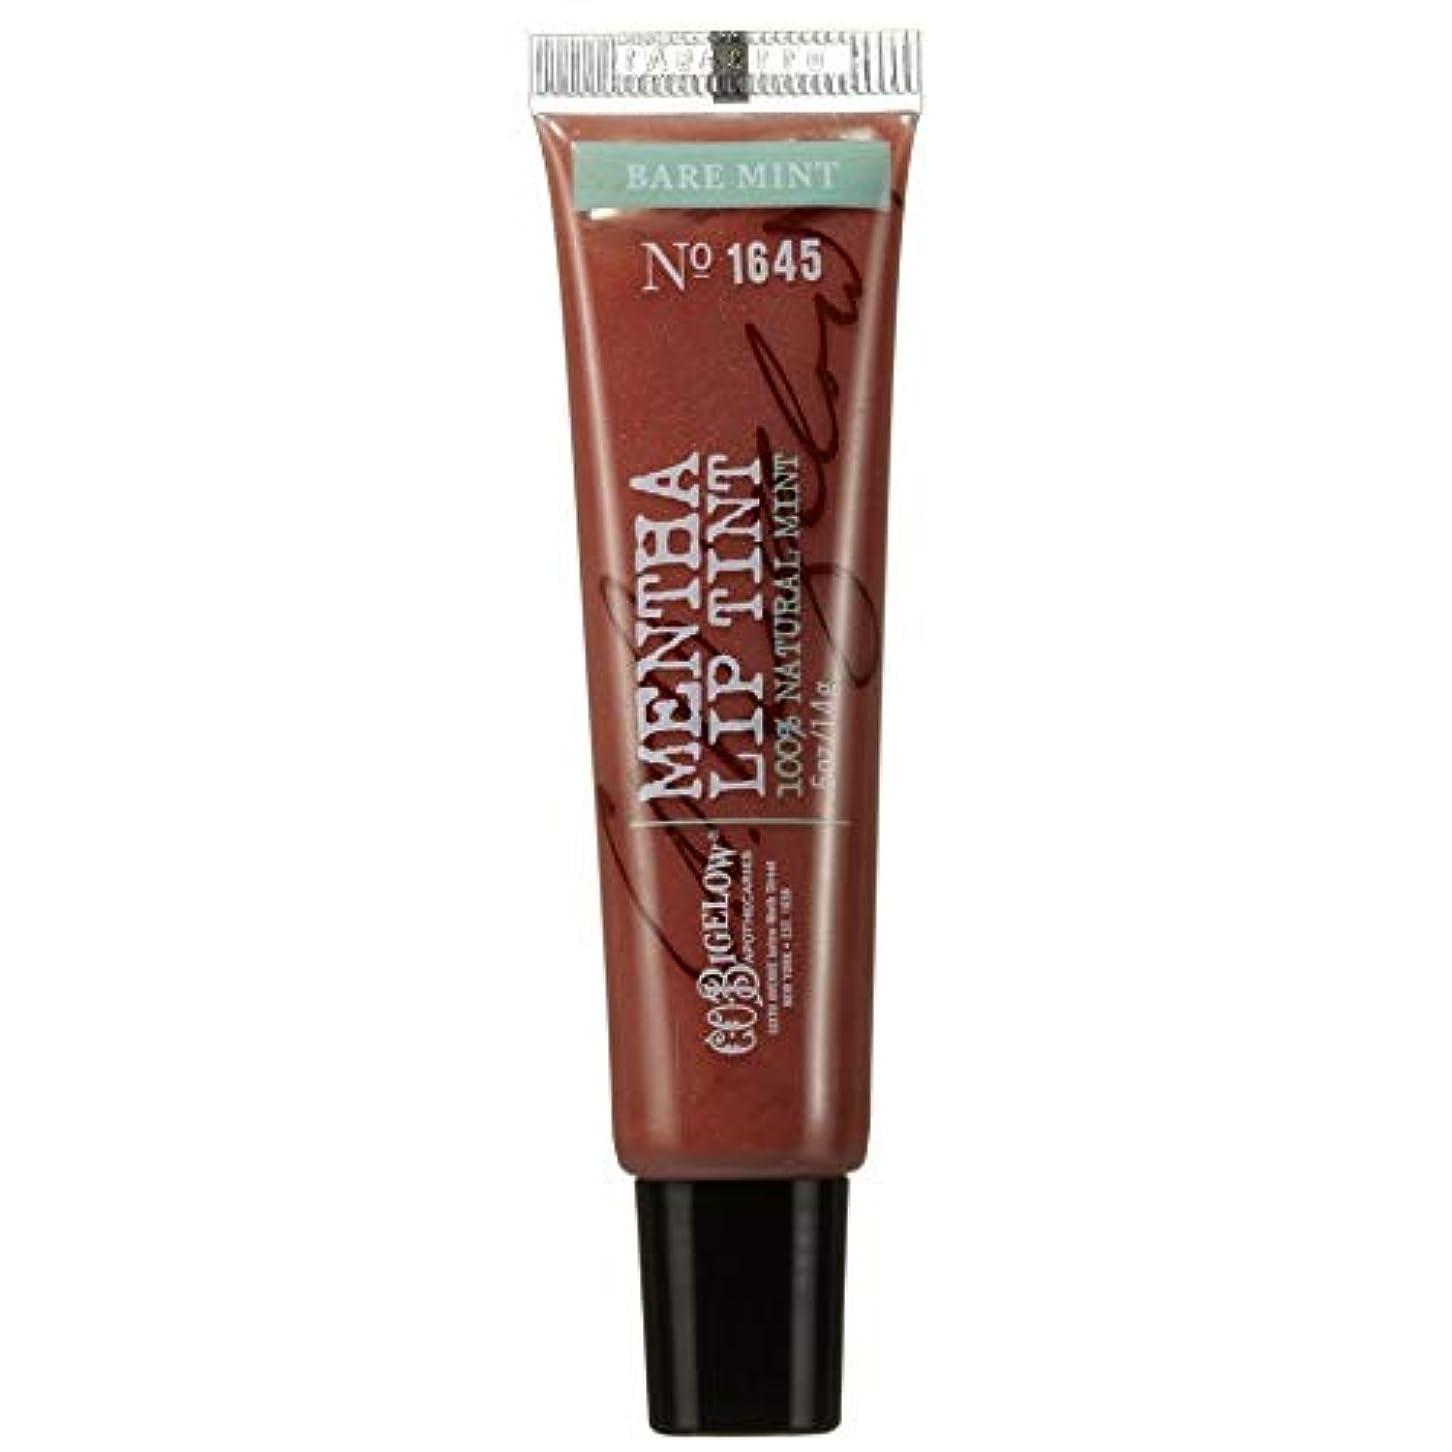 キャンパストレーニング懲戒[C.O. Bigelow] C.O.ビゲロー裸ミントハッカシマーリップティント - C.O. Bigelow Bare Mint Mentha Shimmer Lip Tint [並行輸入品]